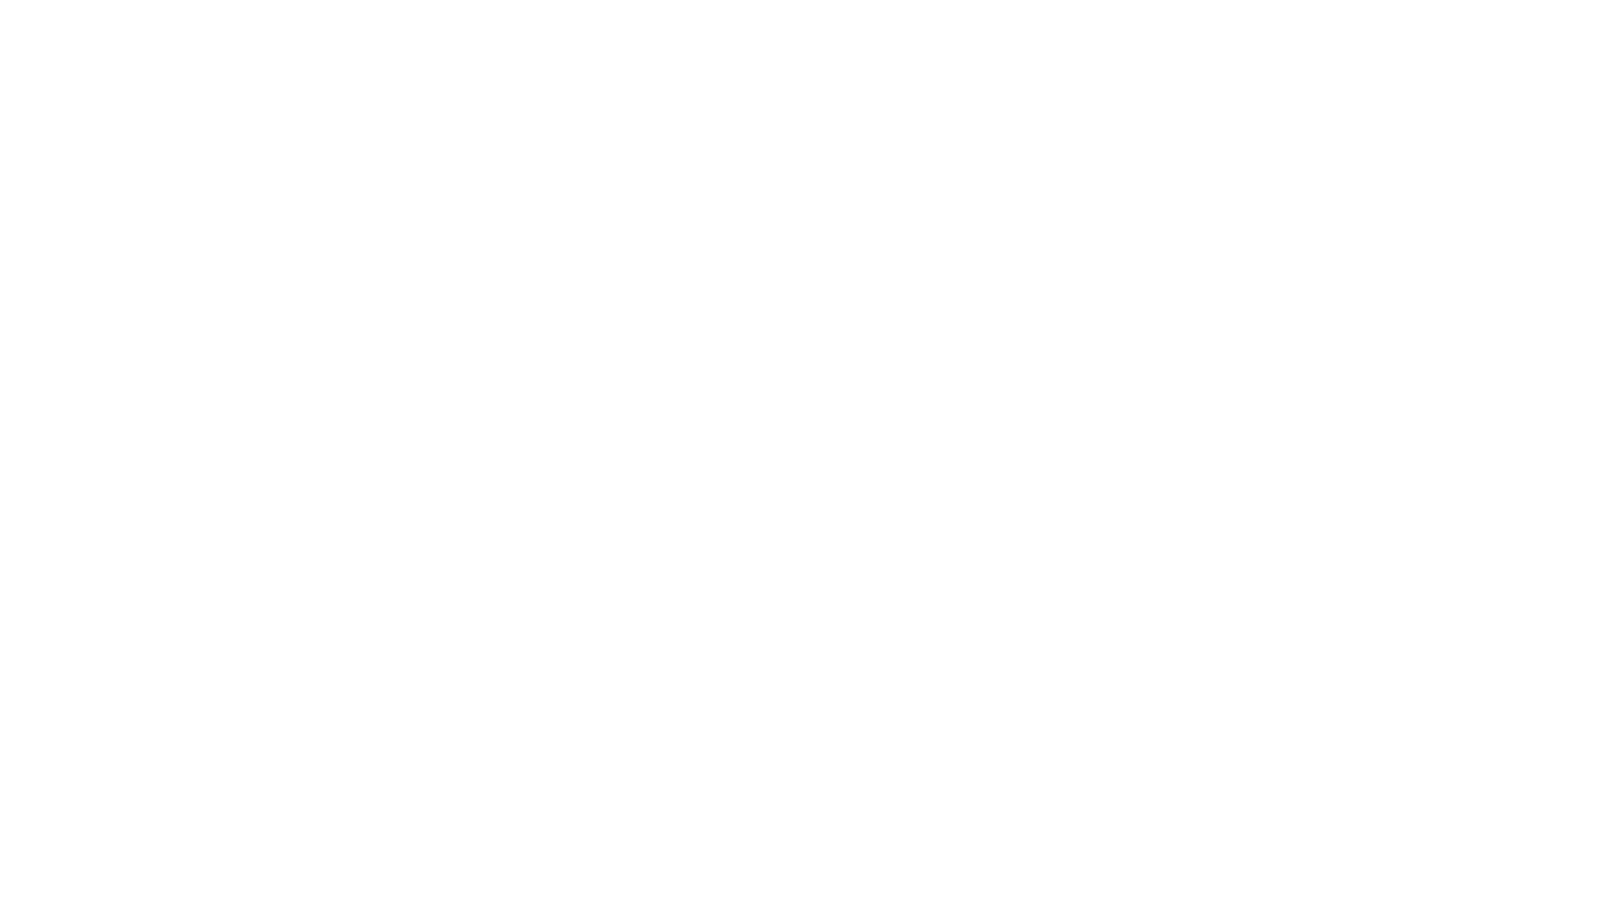 Юхууу! Наш первый фотосет  - это оочень прикольно! Смена образов, мейкапов и умение работать на камеру, что бы не происходило. Хотите узнать, что остается за кадром? Тогда смотрите прямо сейчас!  Самые полезные сладости без сахара, со стевией https://steviasun.com.ua/ru/ Одобрено Яной Заец https://instagram.com/korisnakonditerska?utm_medium=copy_link  =================================   Хочешь увидеть все самые свежие видео первым - подпишись на YouTube канал Open Kids: https://goo.gl/K6KnCj   Подпишись на наши страницы в соц. сетях, чтобы ничего не пропустить:  Open Kids в Instagram: https://www.instagram.com/open_kids/  Open Kids в Facebook: https://www.facebook.com/openkidsofficial/  Open Kids в Vk: https://vk.com/openkidsofficial  Open Kids в Tik Tok: https://vm.tiktok.com/peo1Y8/  Официальный сайт Open Kids: http://open-kids.com/   #новыйсоставOpenKids #OpenKids